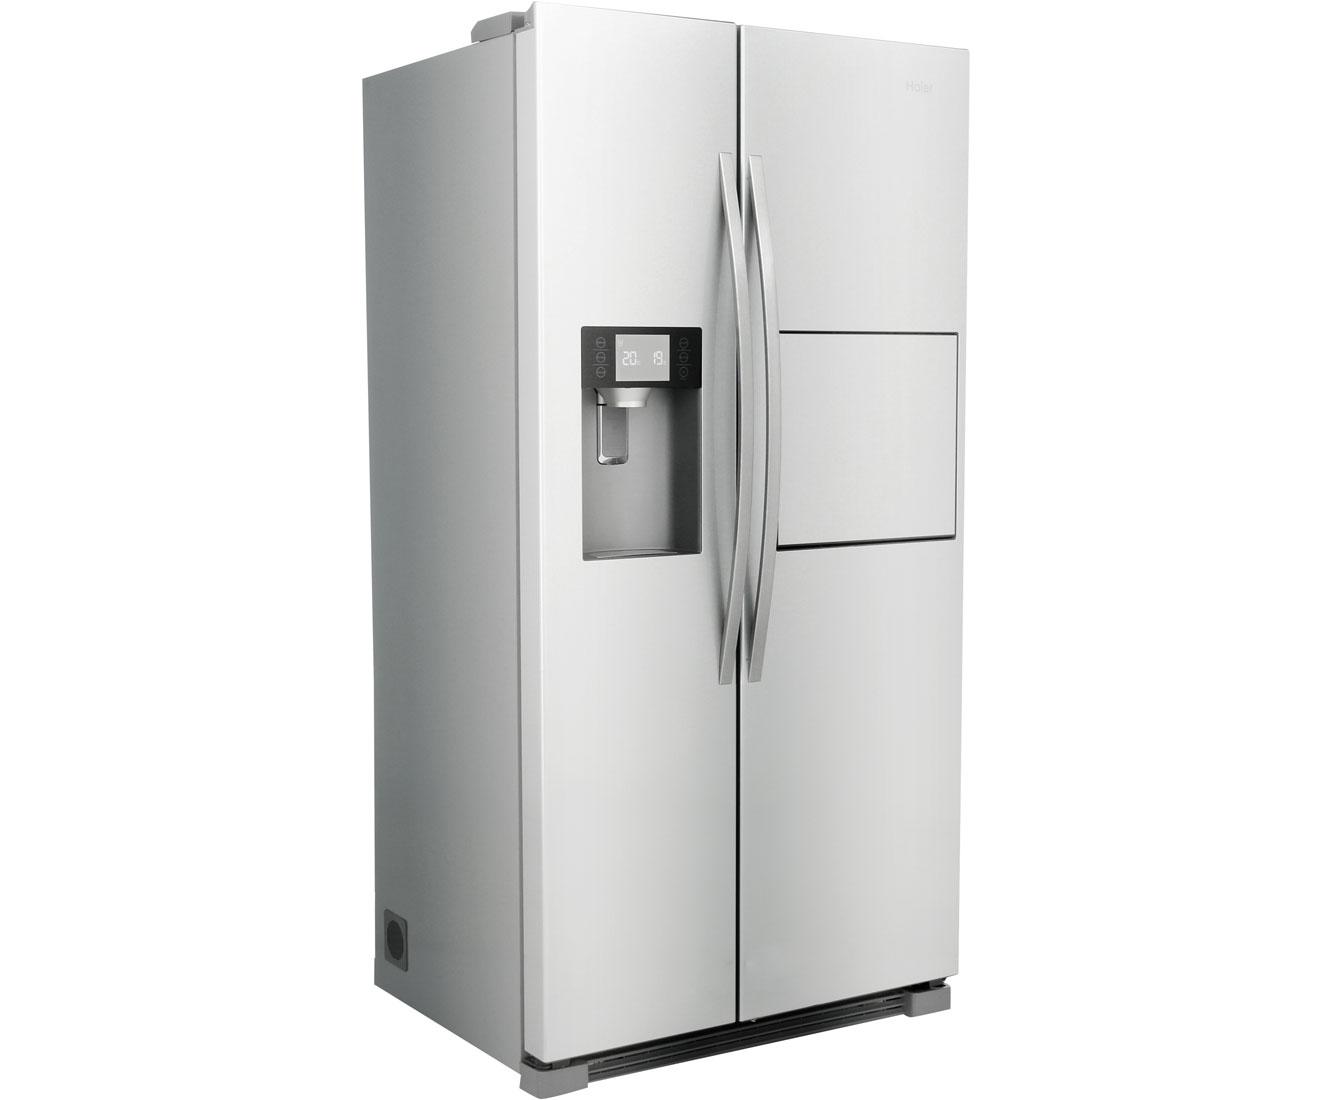 Amerikanischer Kühlschrank Haier : Haier hrf 630am7 side by side freistehend edelstahl optik ebay